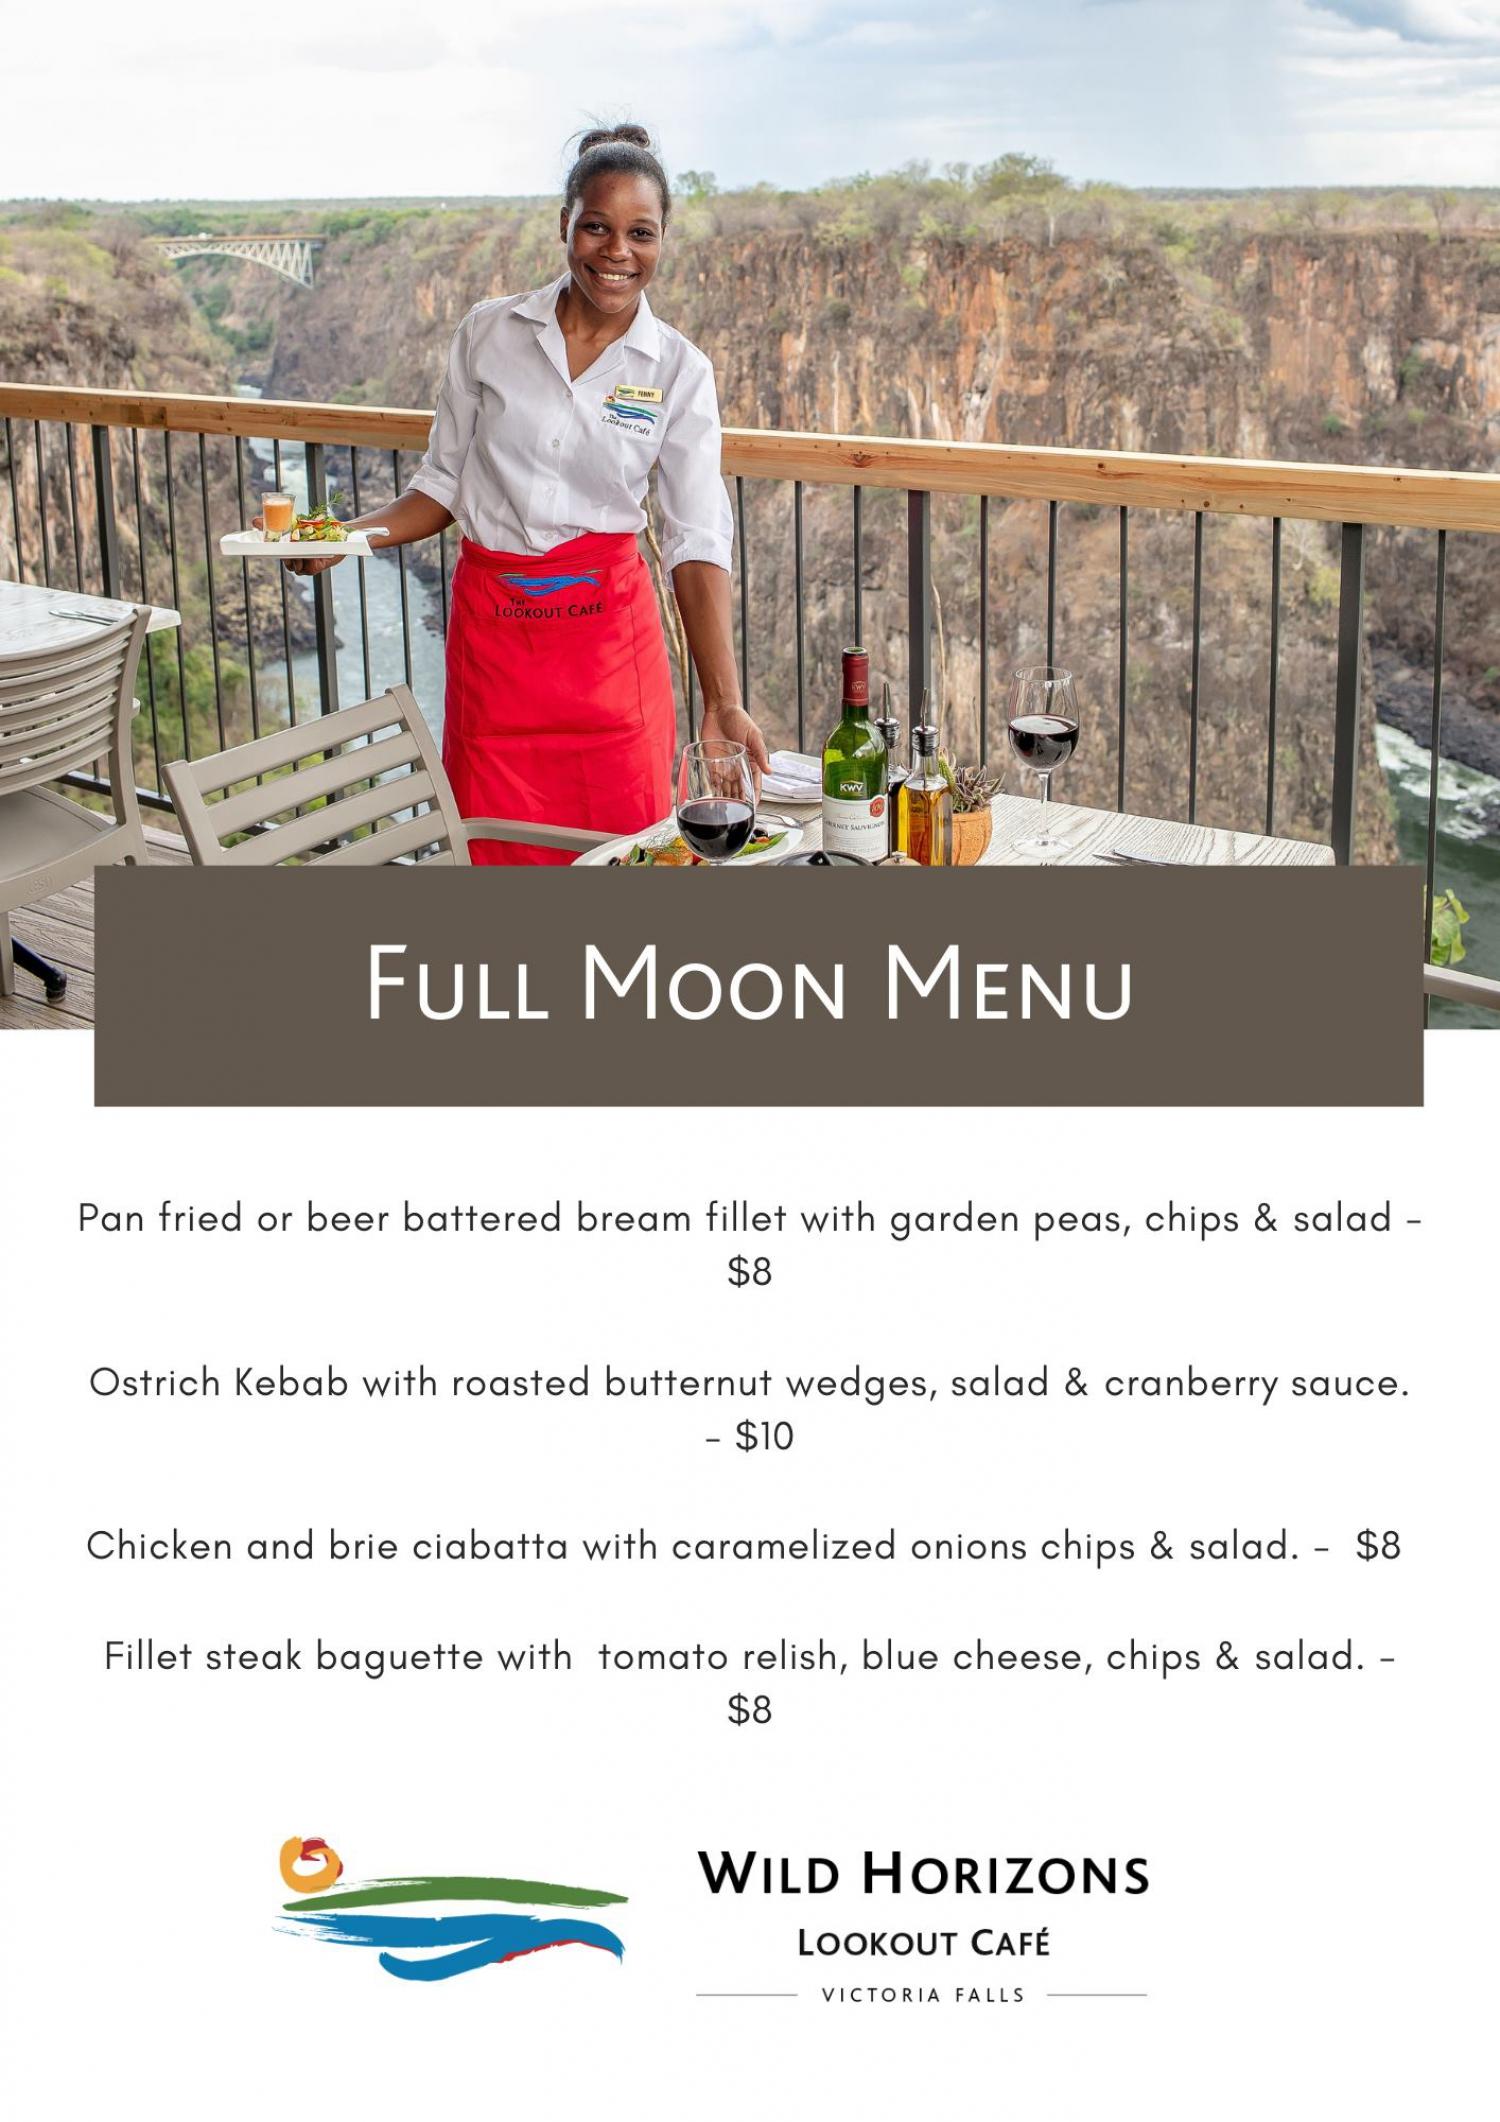 Wild Horizons Full Moon Dinner